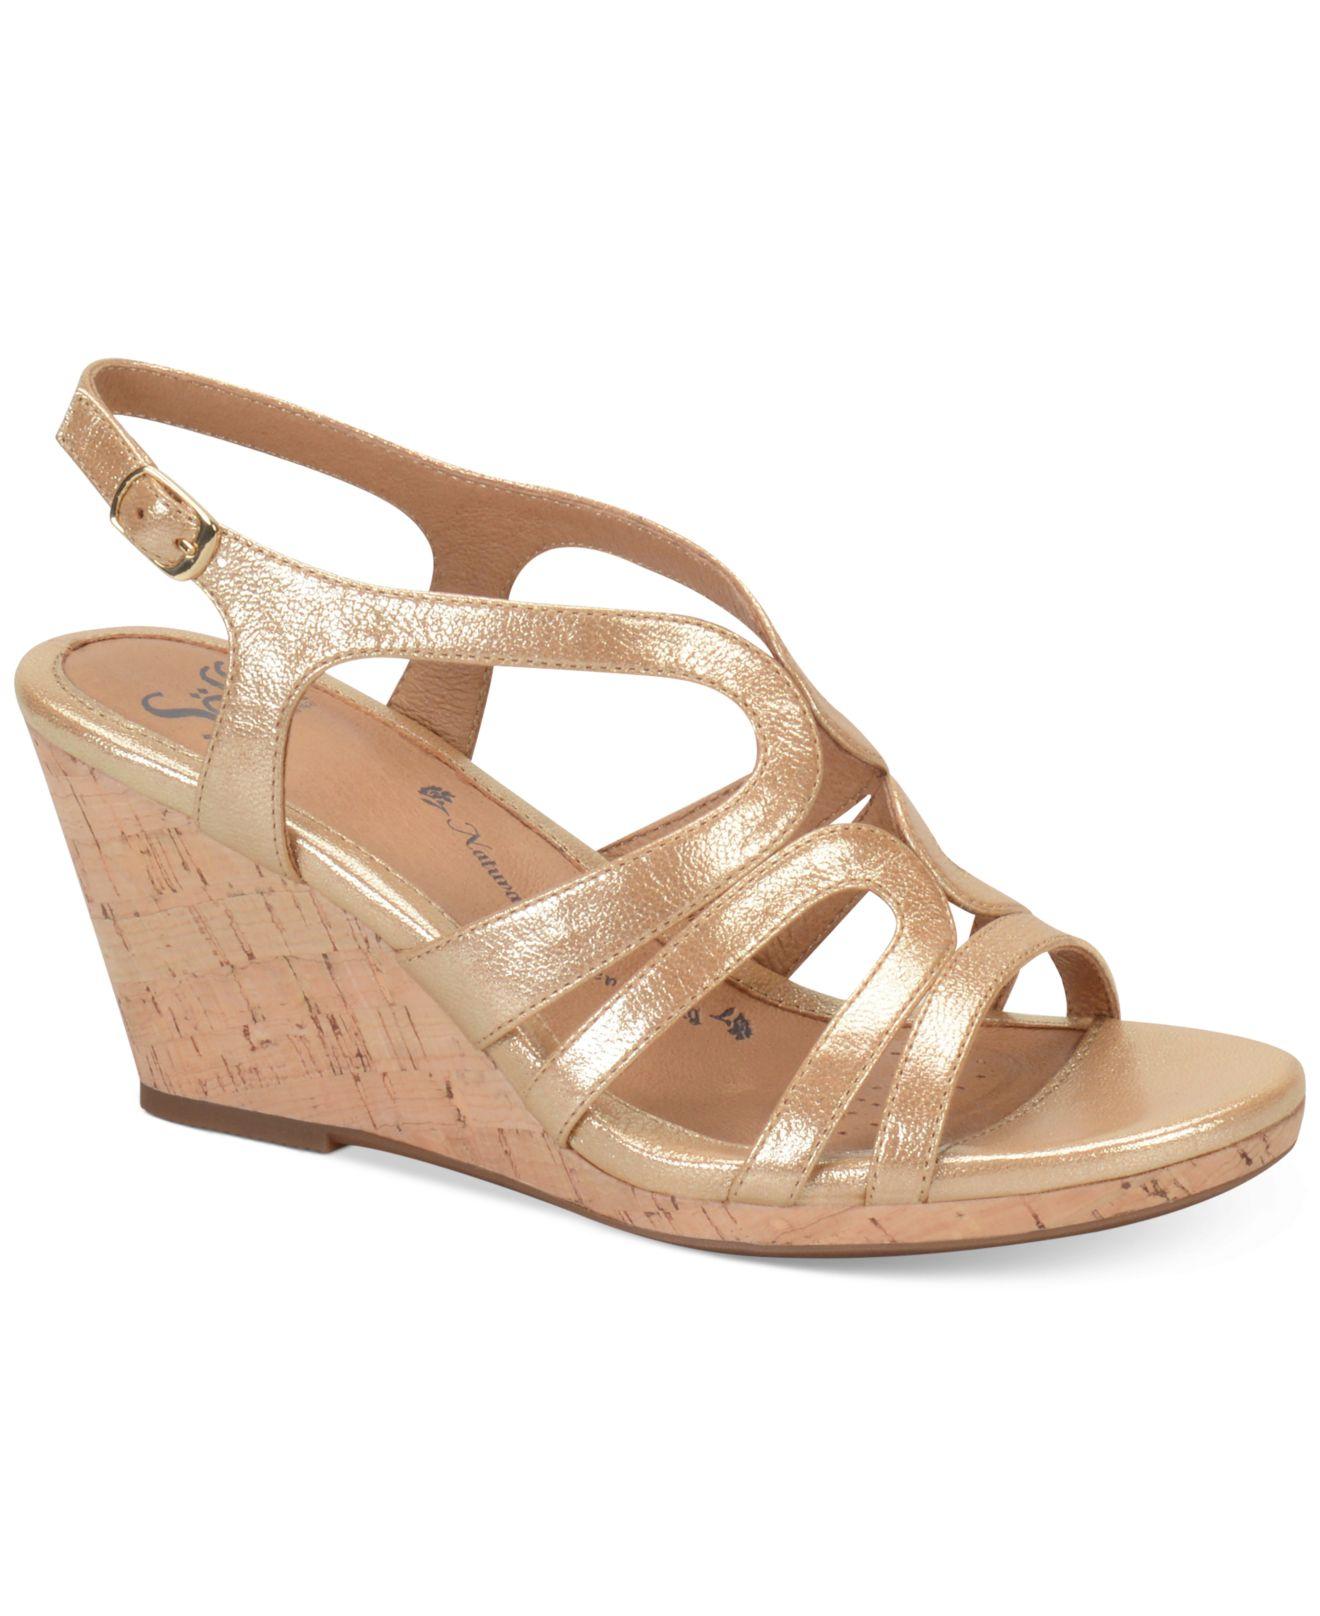 s 246 fft corinth platform wedge sandals in metallic lyst